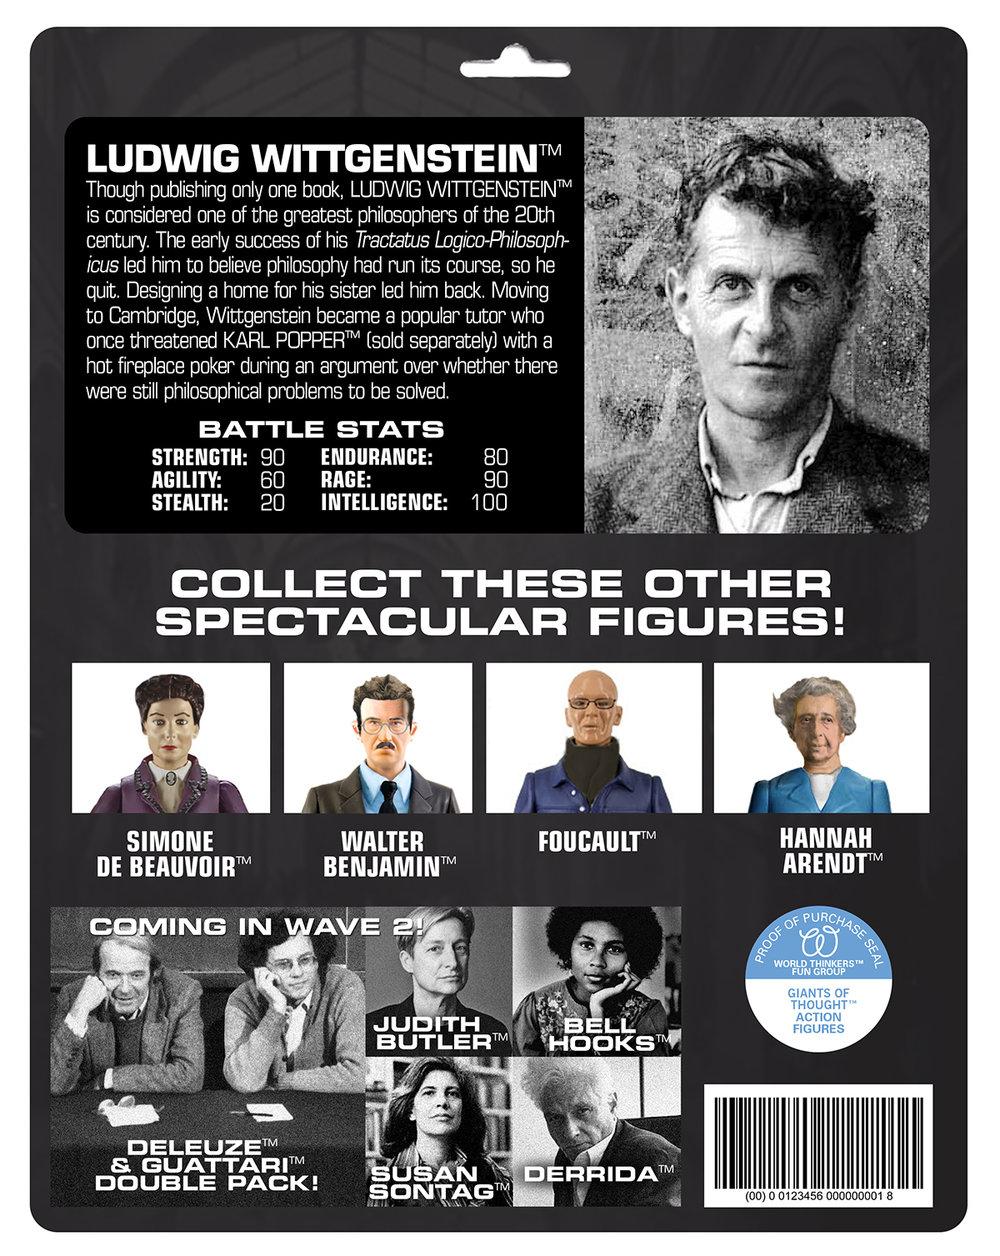 Wittgenstein-2.jpg